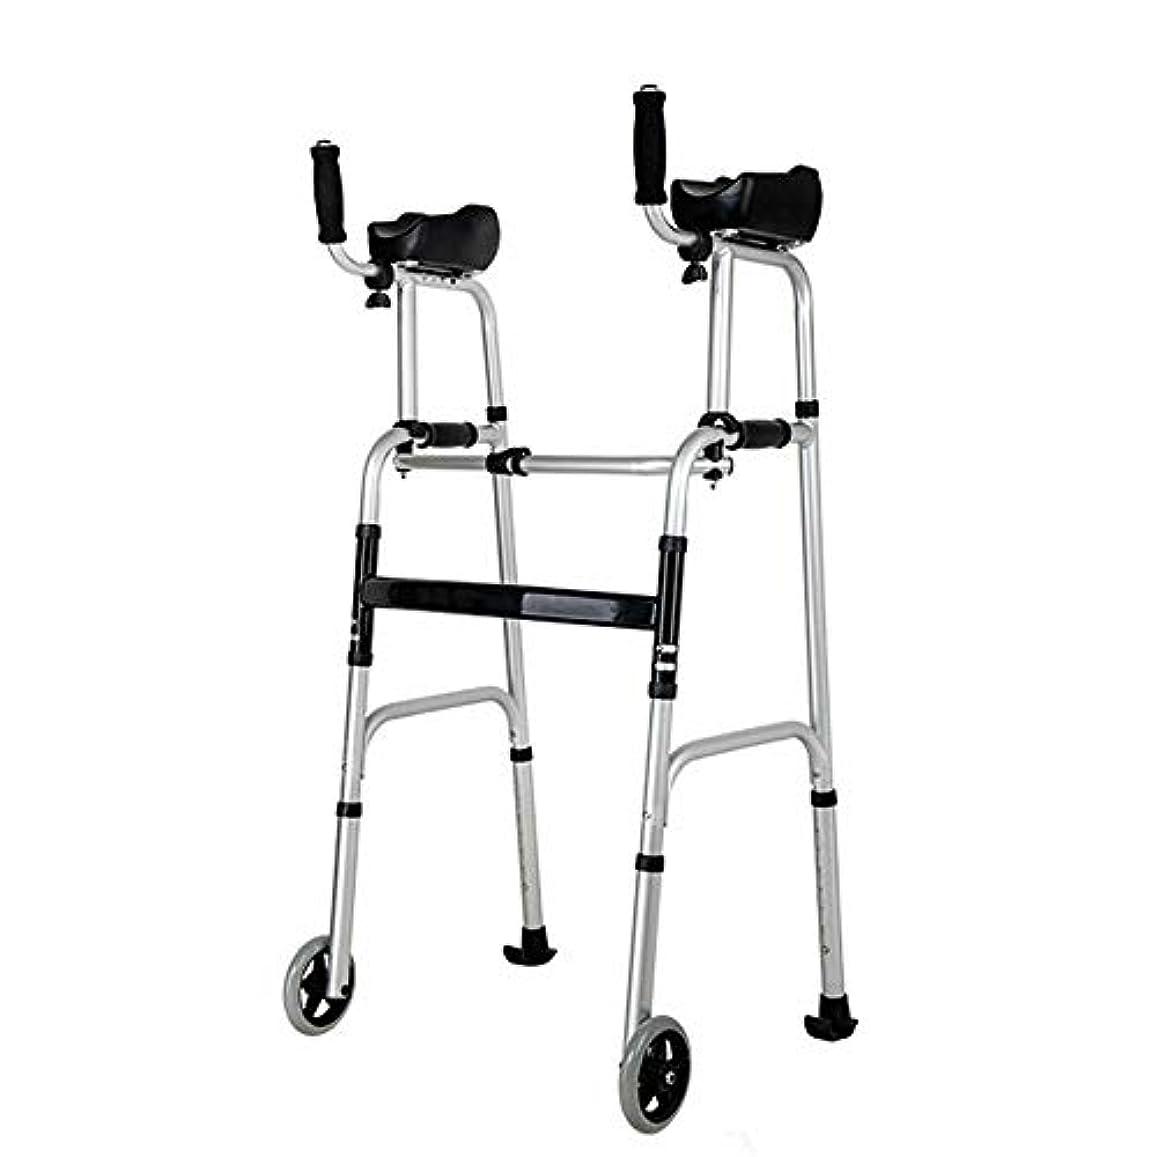 困惑包括的偽善Love life ウォーカー老人折りたたみ式着席ウォーカーお風呂のスツールを取って老人二輪2本足歩行器下肢トレーニング ローラー折りたたみ式歩行補助具